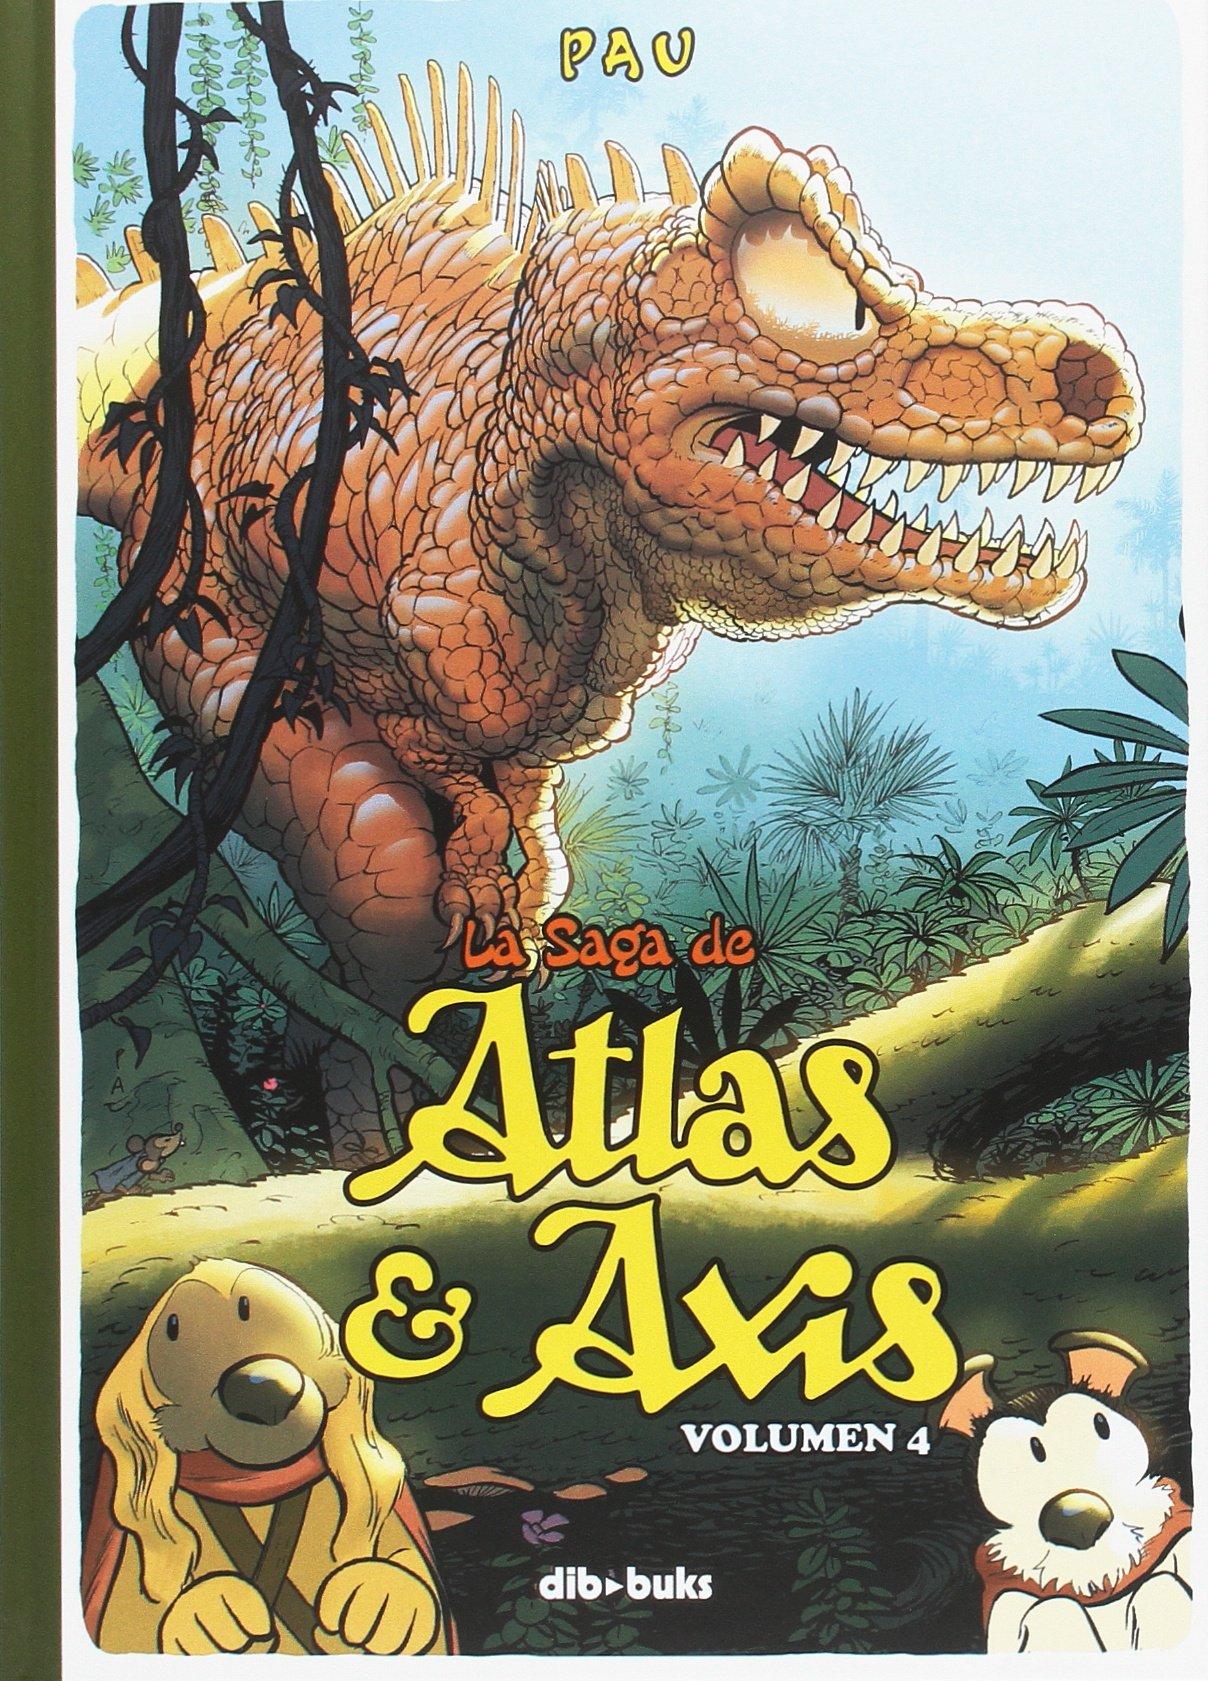 La saga de Atlas y Axis, Vol. 4